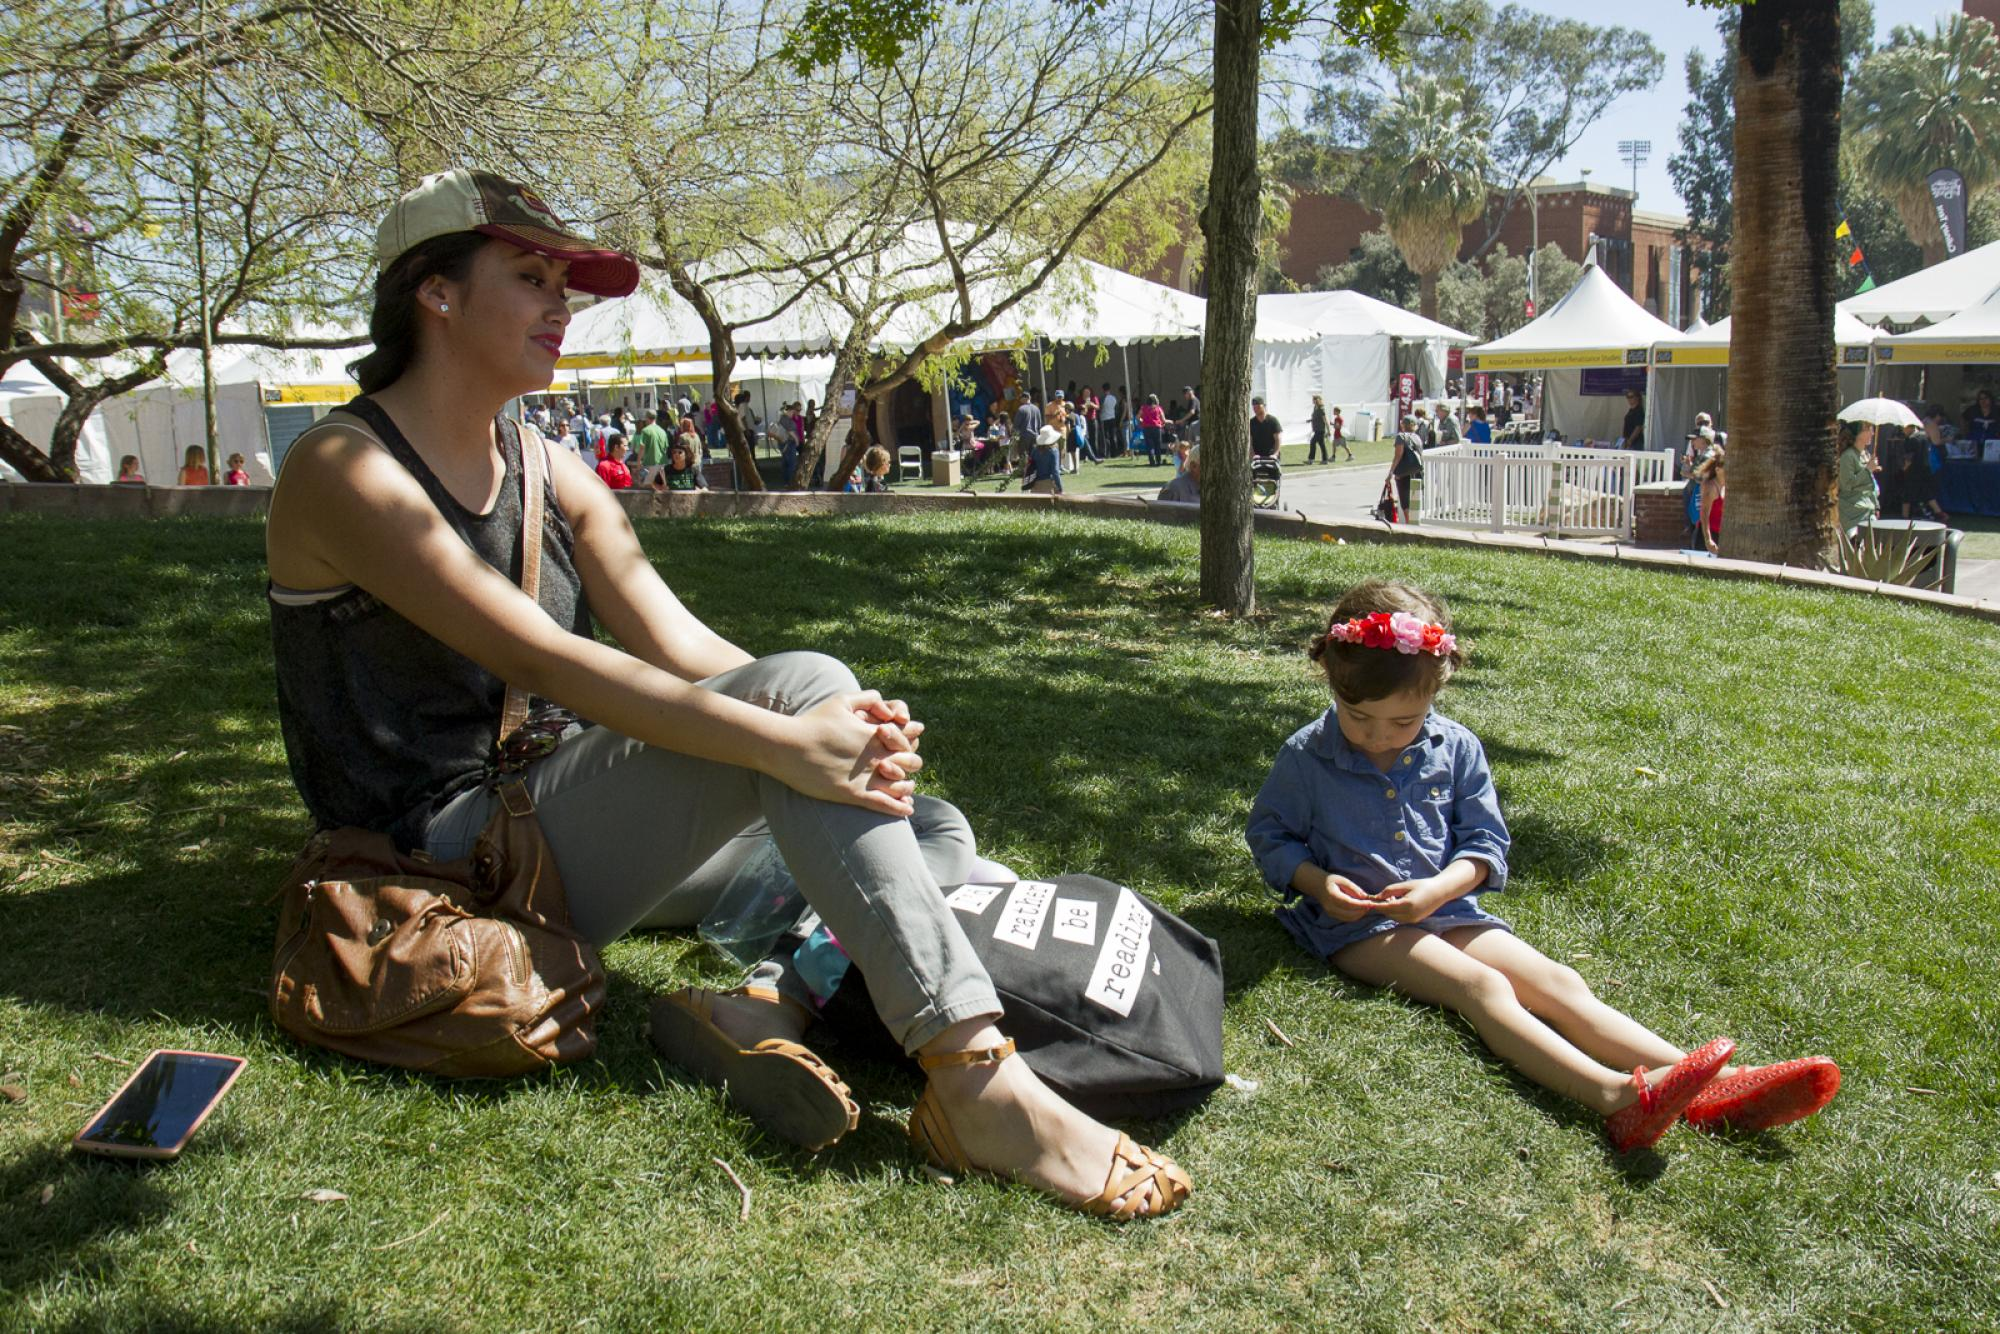 Nora and Emmy Herrera of Rio Rico, Arizona, attend the festival.